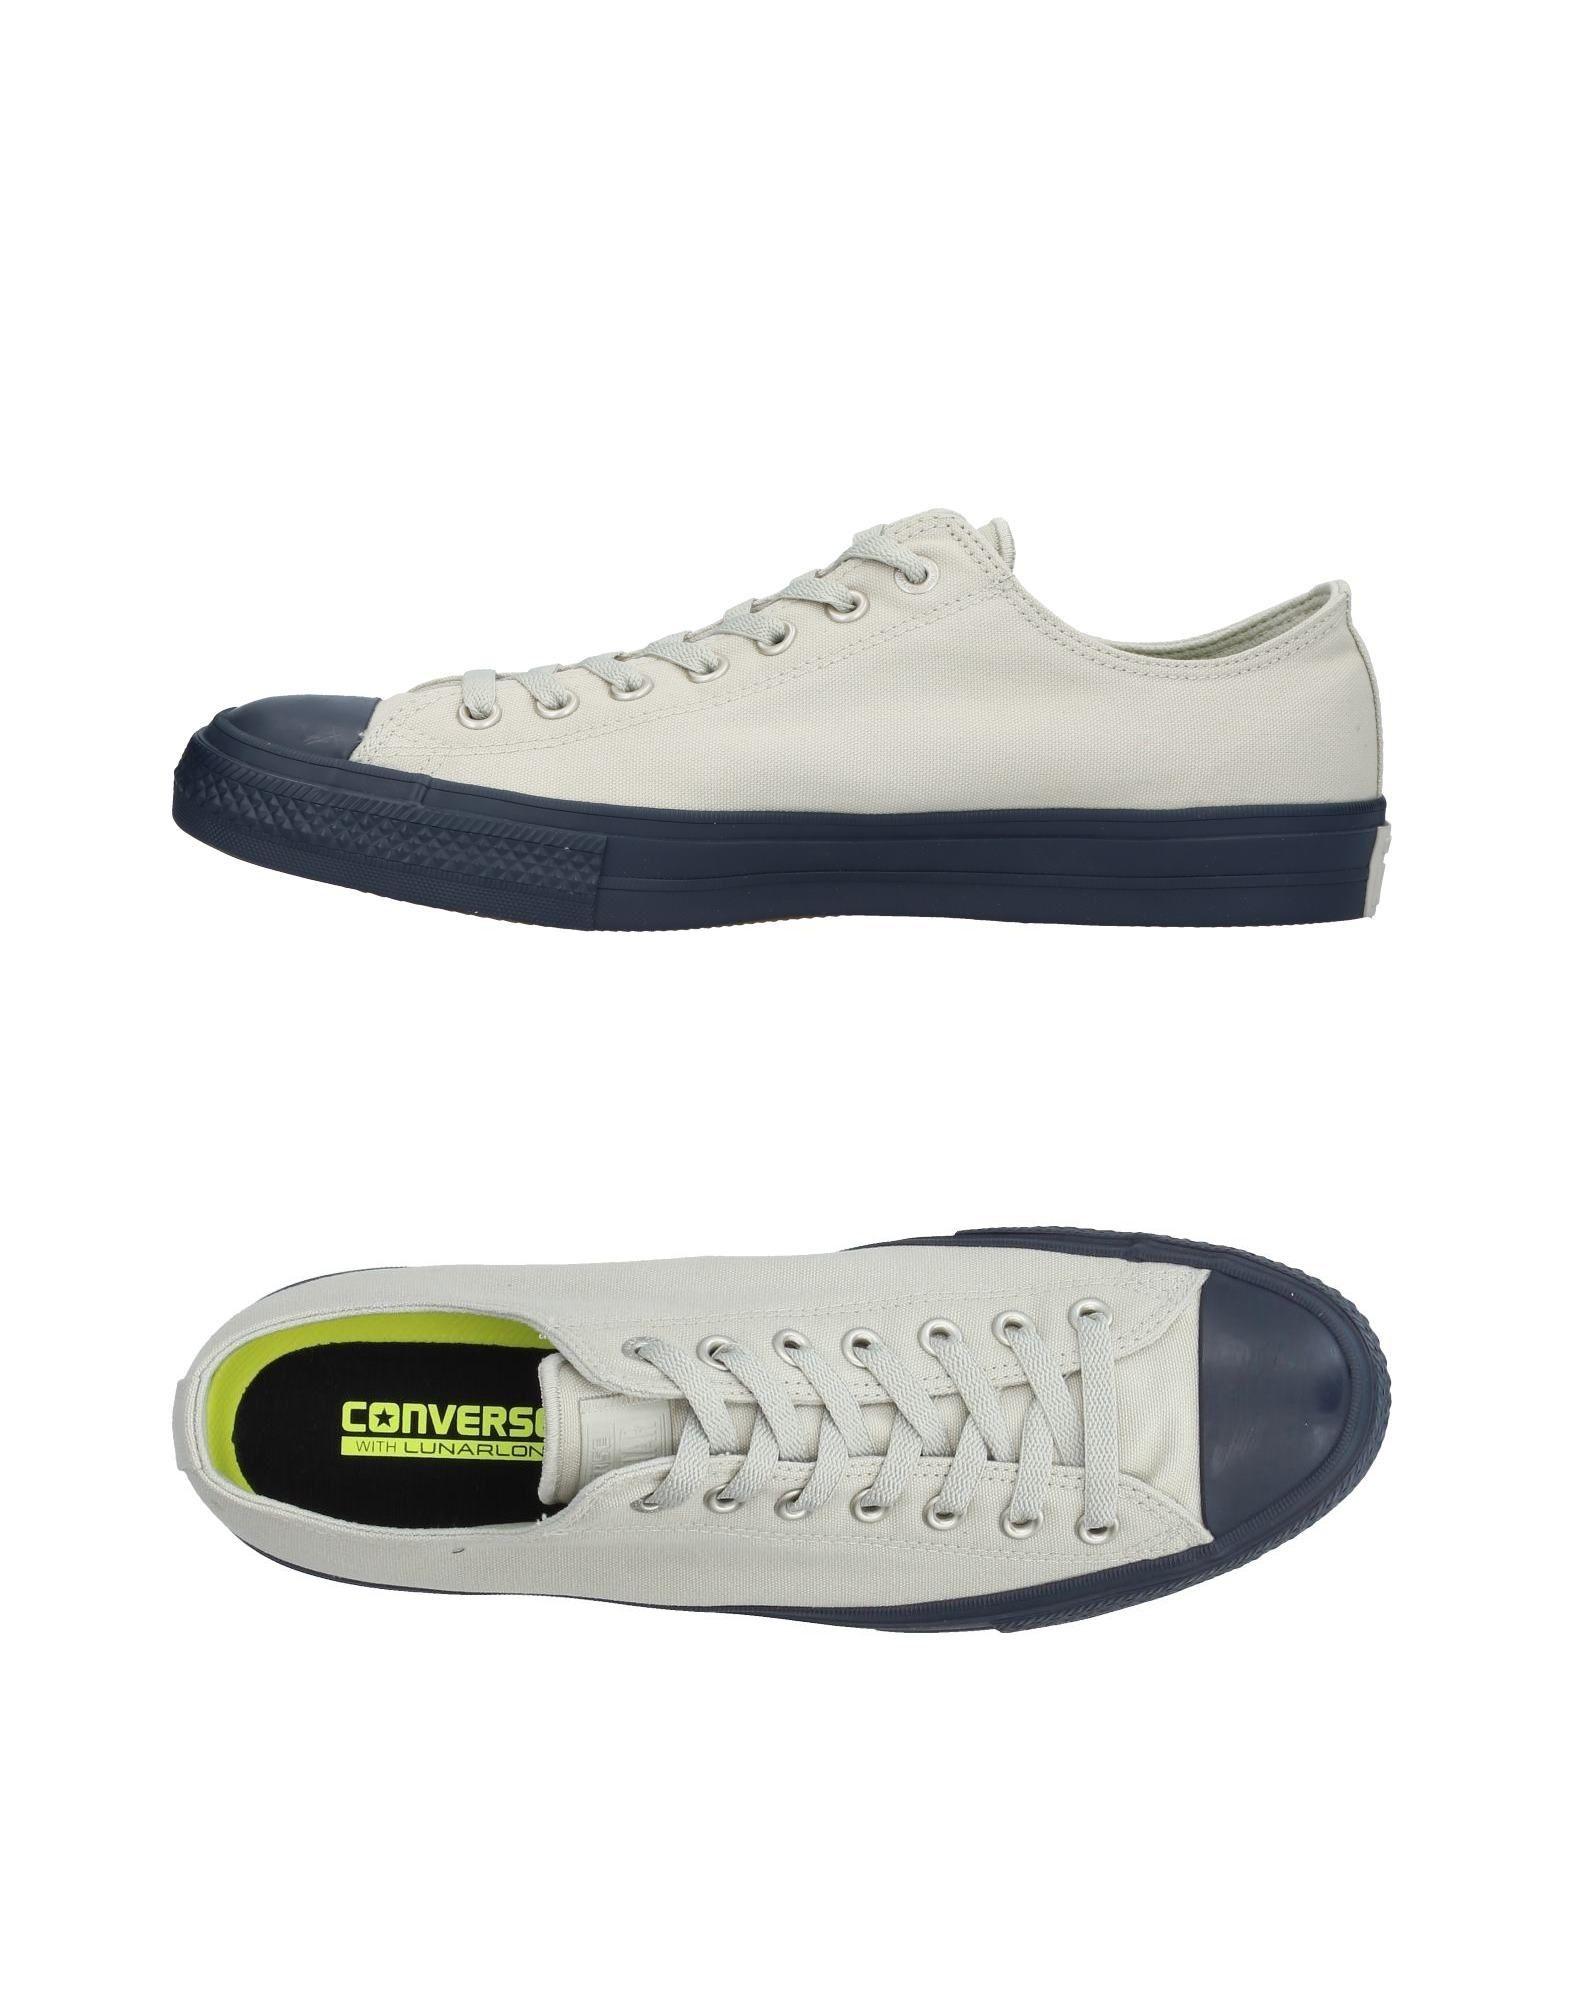 Converse All Star Sneakers Herren Gutes Preis-Leistungs-Verhältnis, es lohnt sich sich lohnt a85941